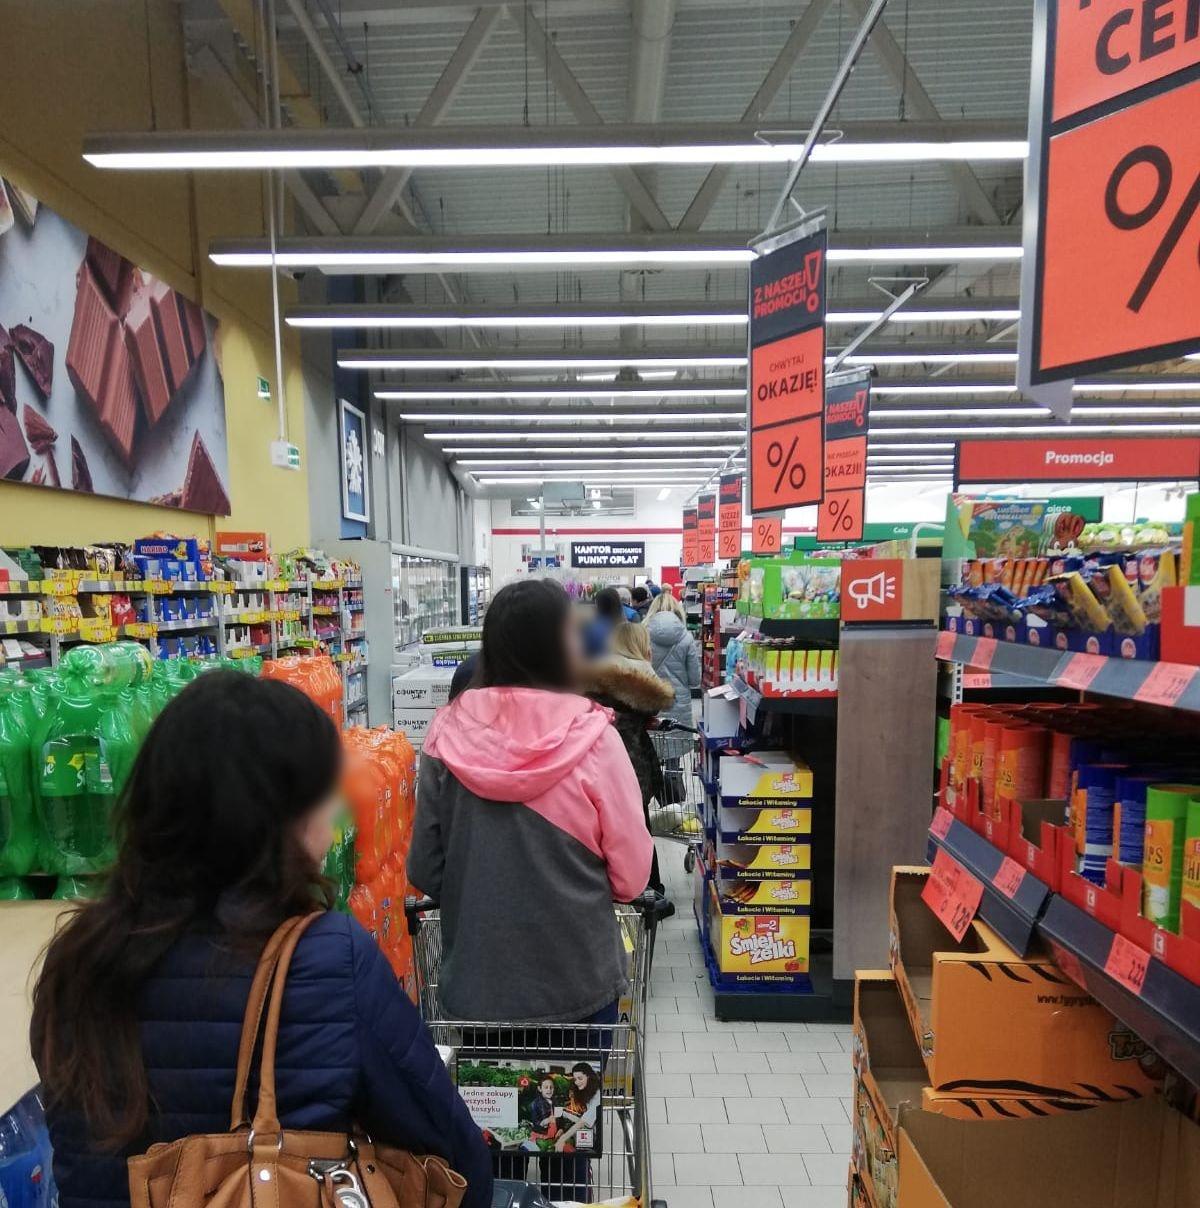 Ludzie szturmują sklepy. Rząd: Nie ma powodu, by robić nadmierne zakupy